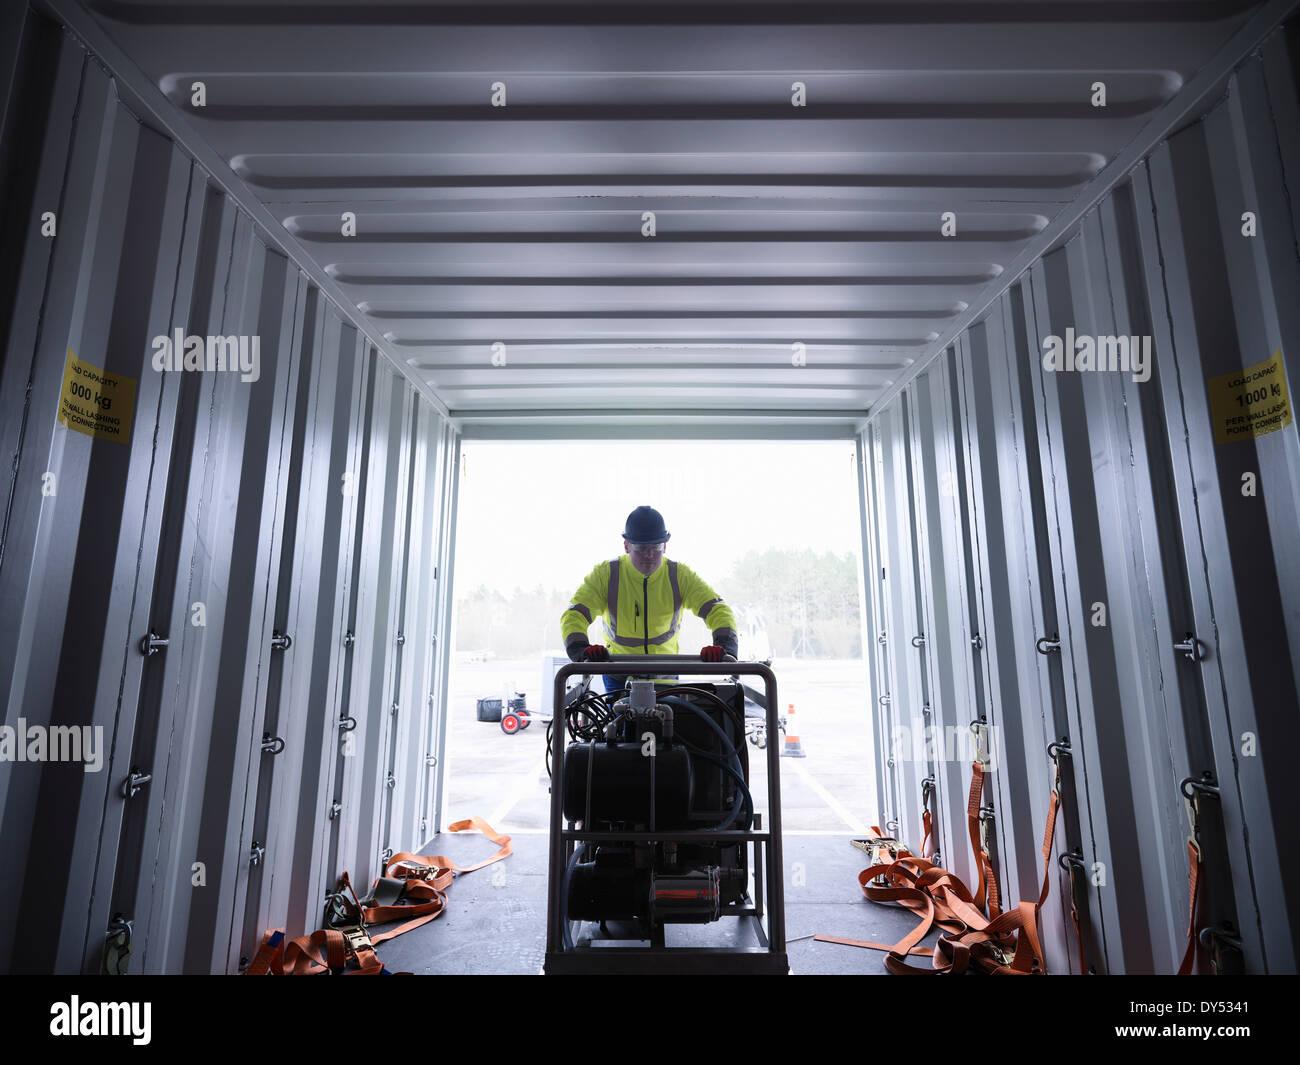 Emergency Response Team Arbeiter entlädt Ausrüstung von Versandverpackung Stockfoto